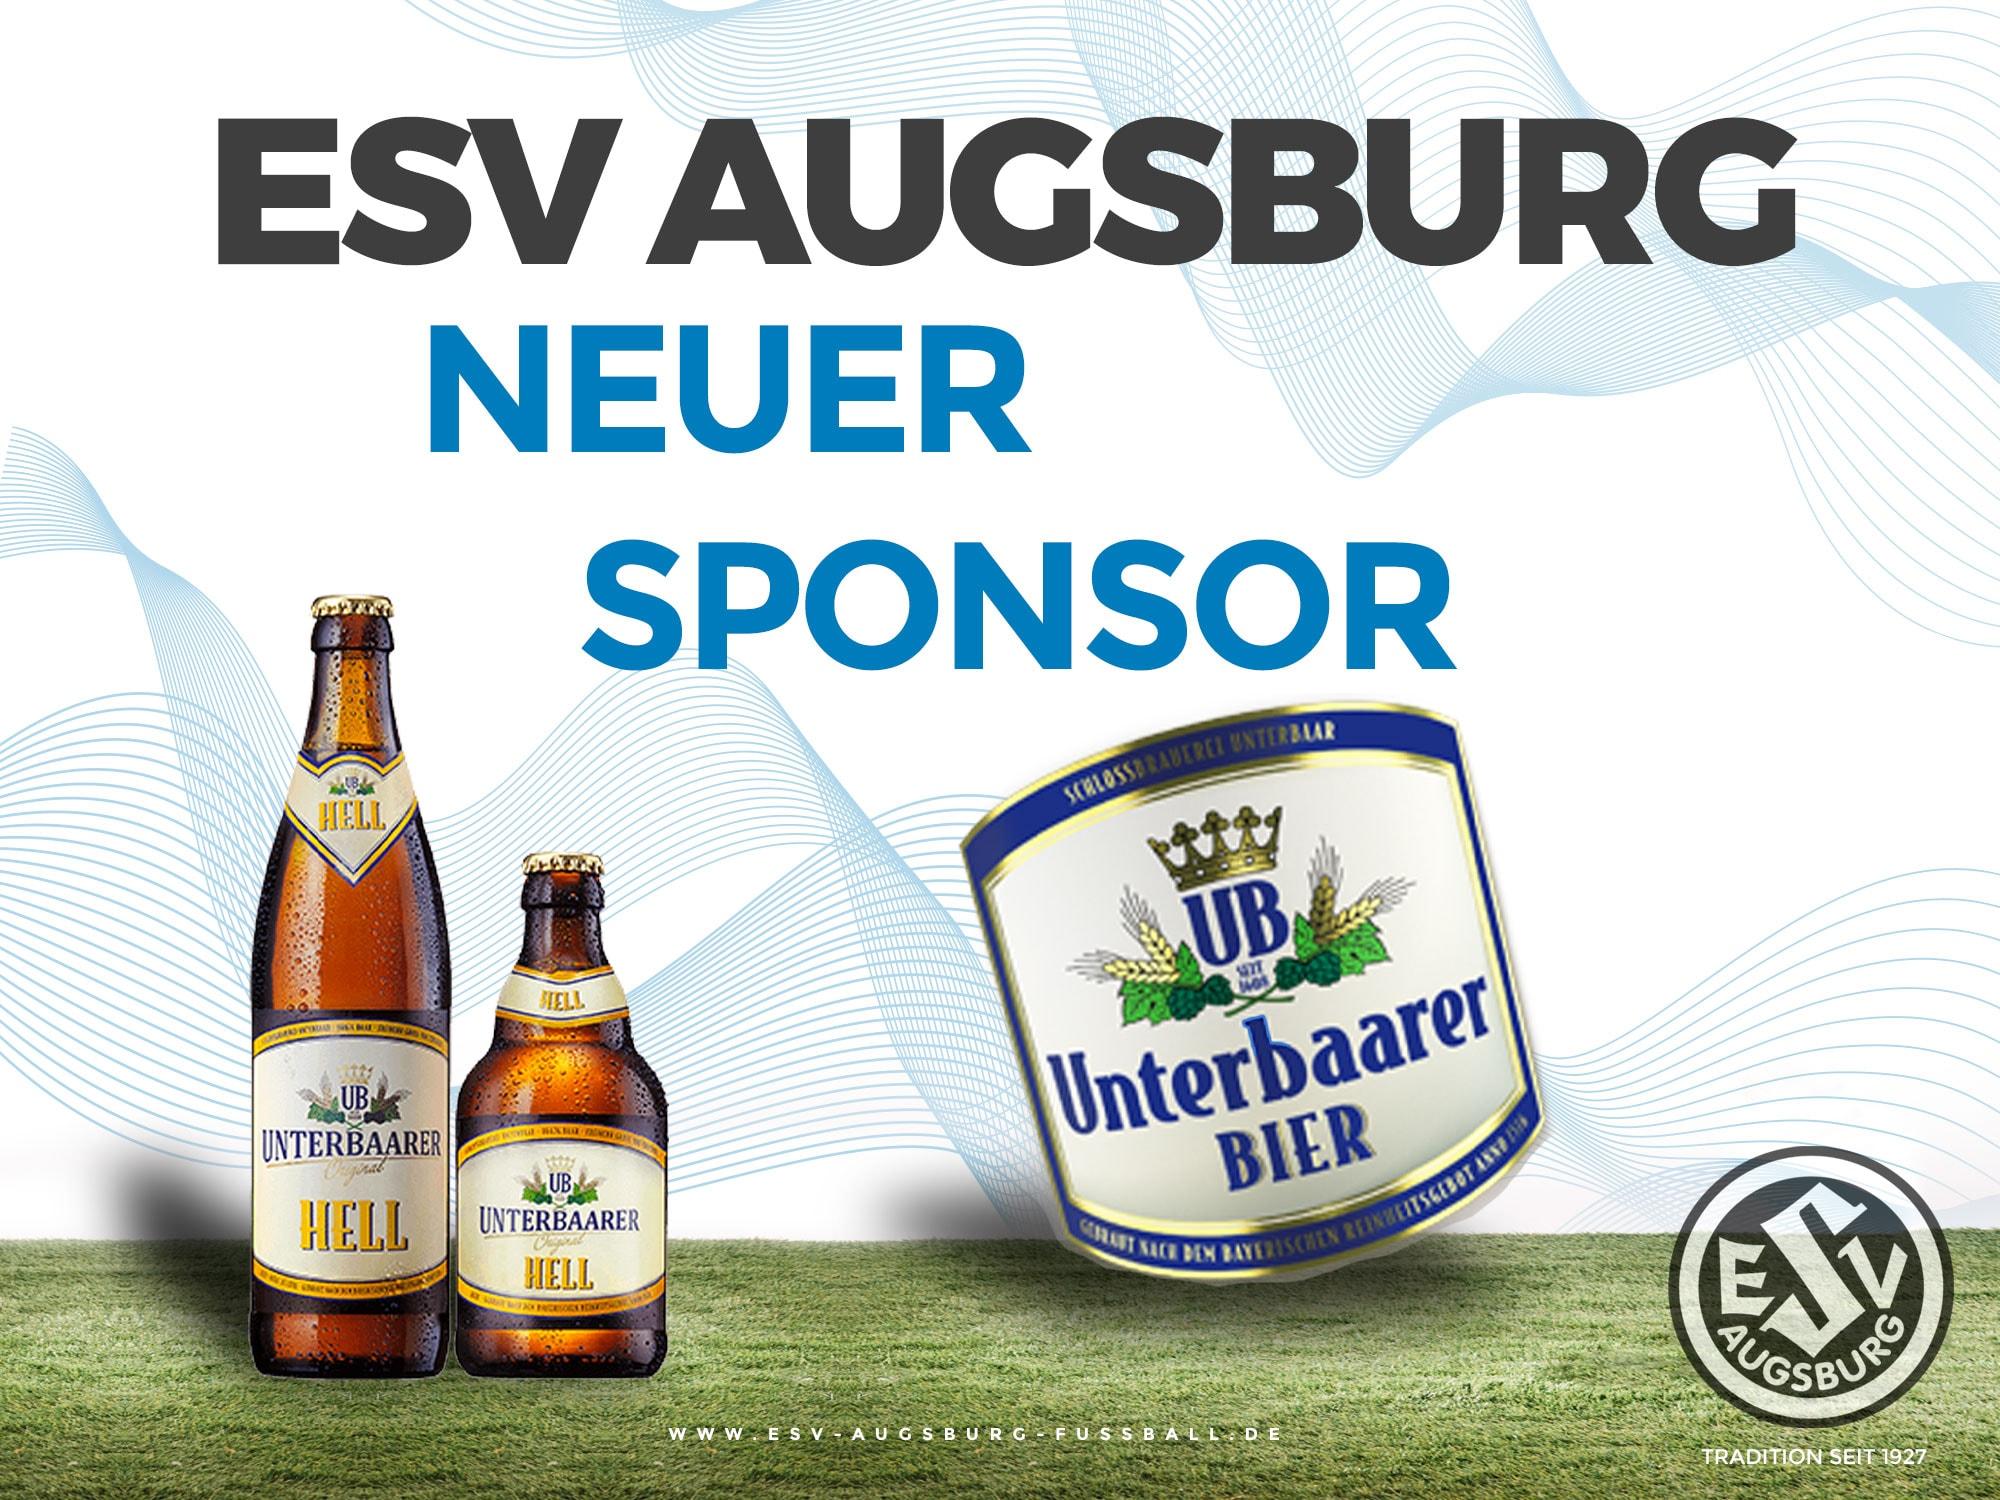 Esv Augsburg